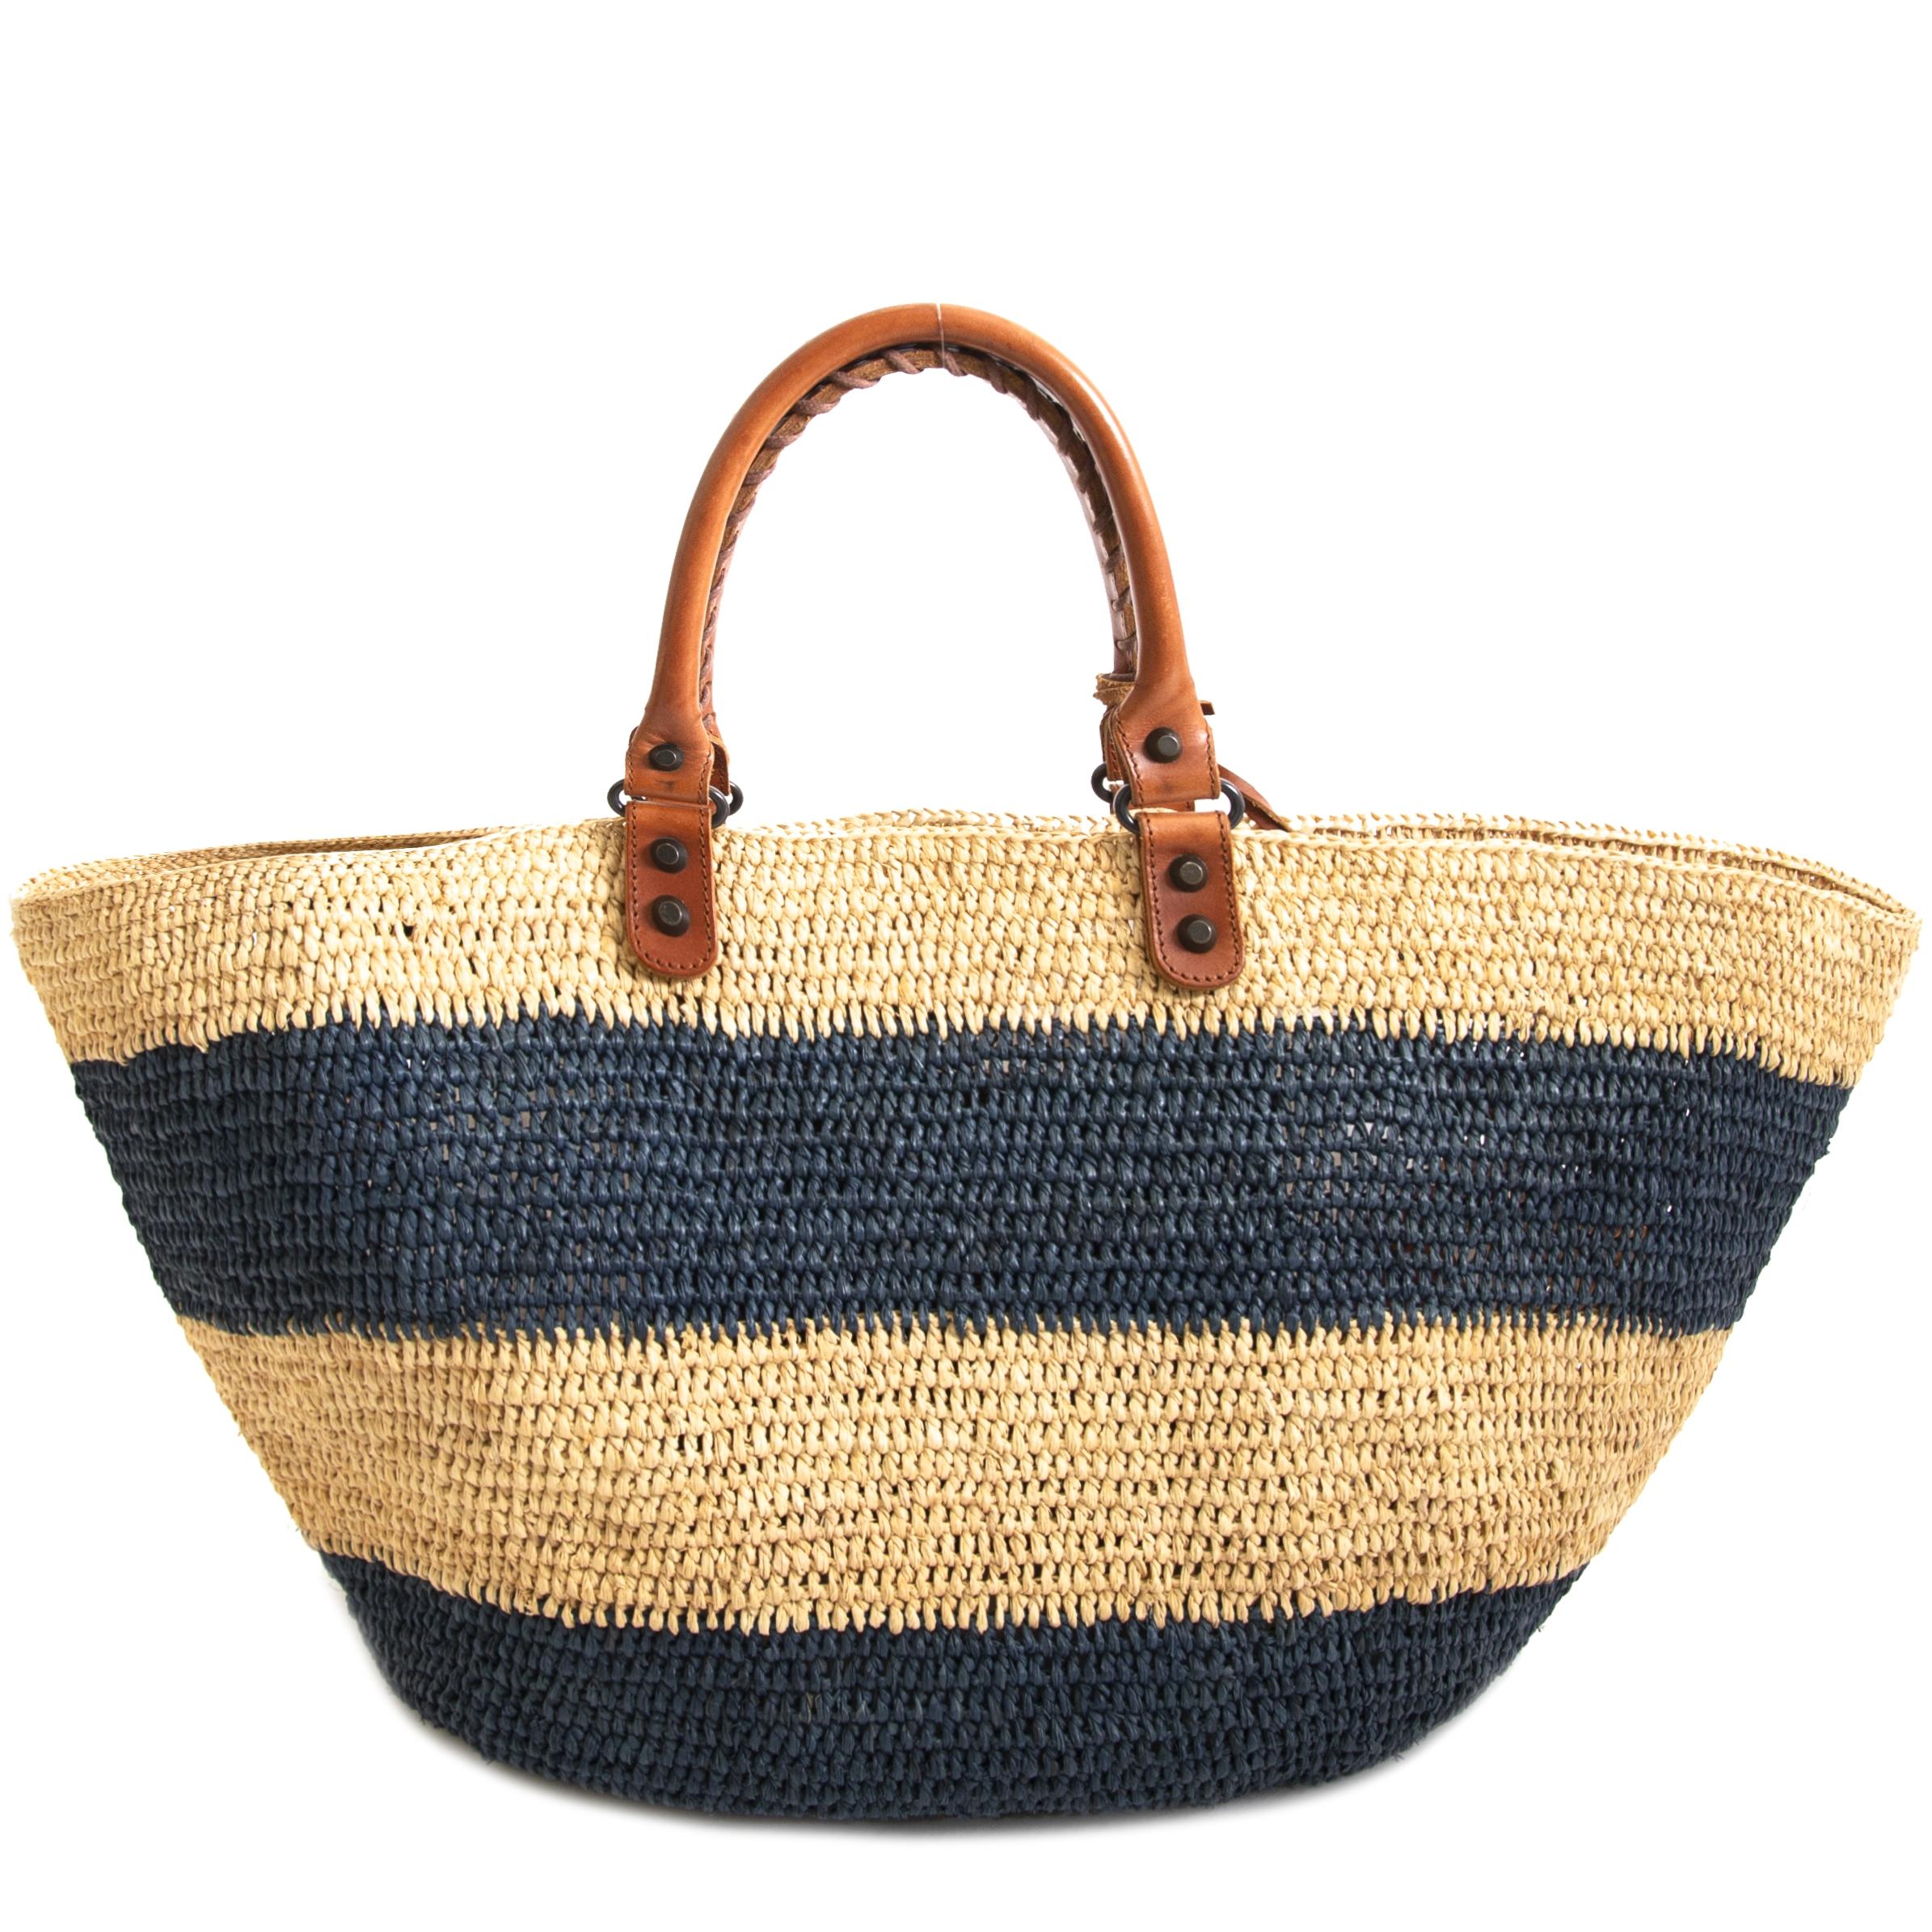 Authentieke tweedehands Balenciaga Straw Tote Bag koop online webshop LabelLOV